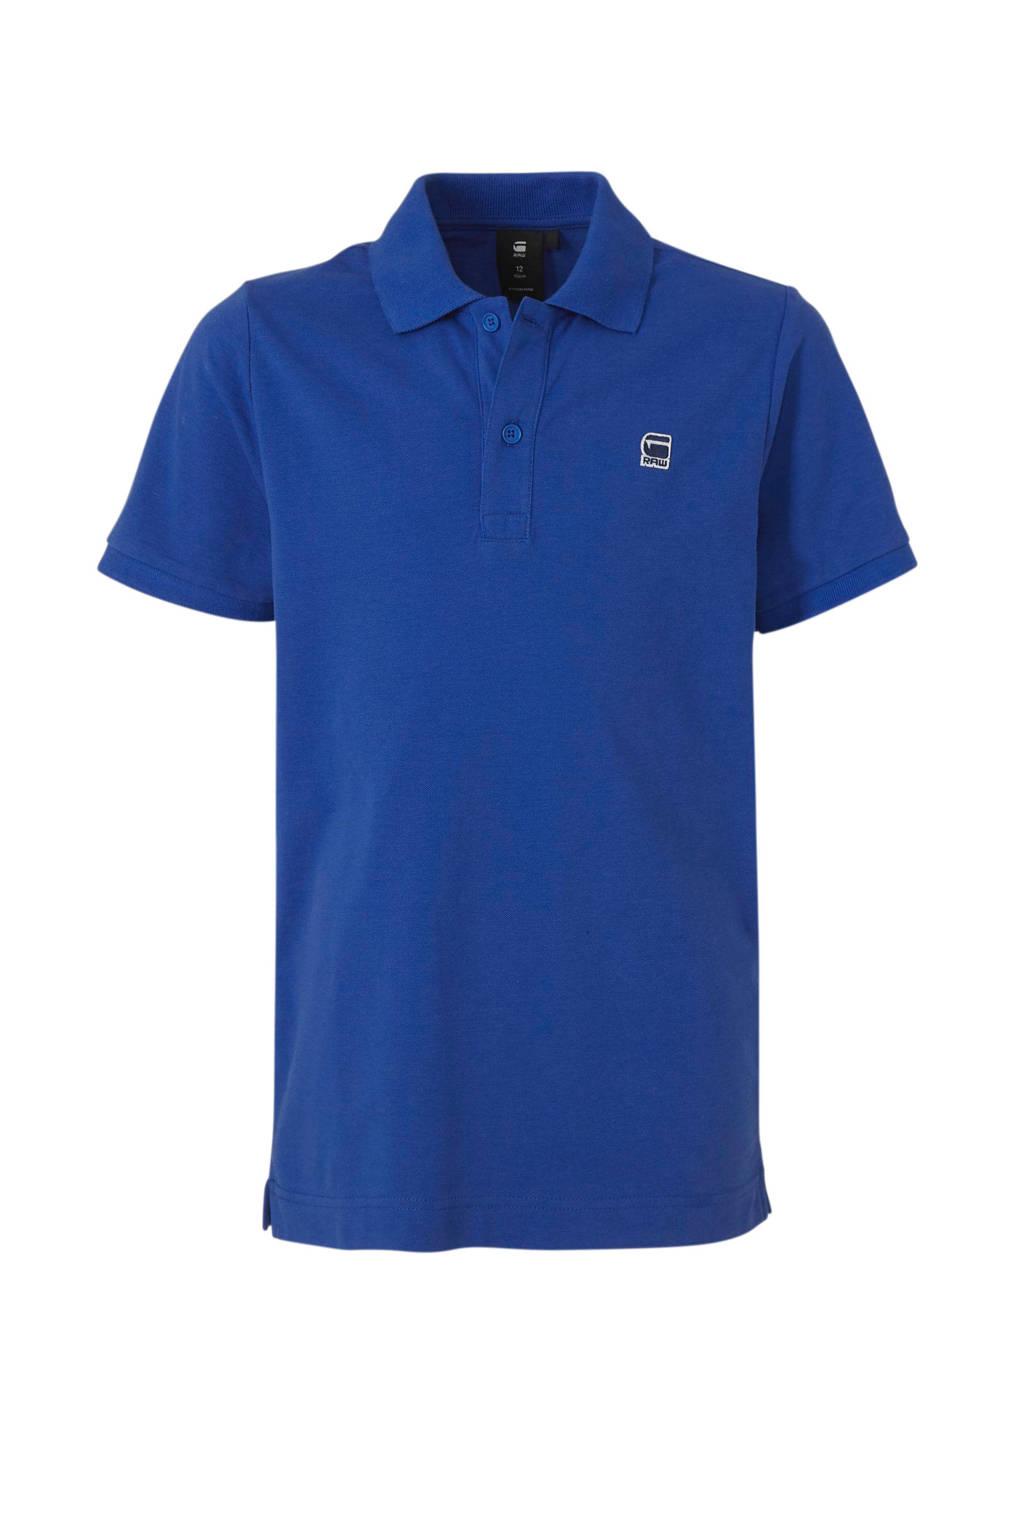 G-Star RAW polo Dunda met logo hardblauw, Hardblauw